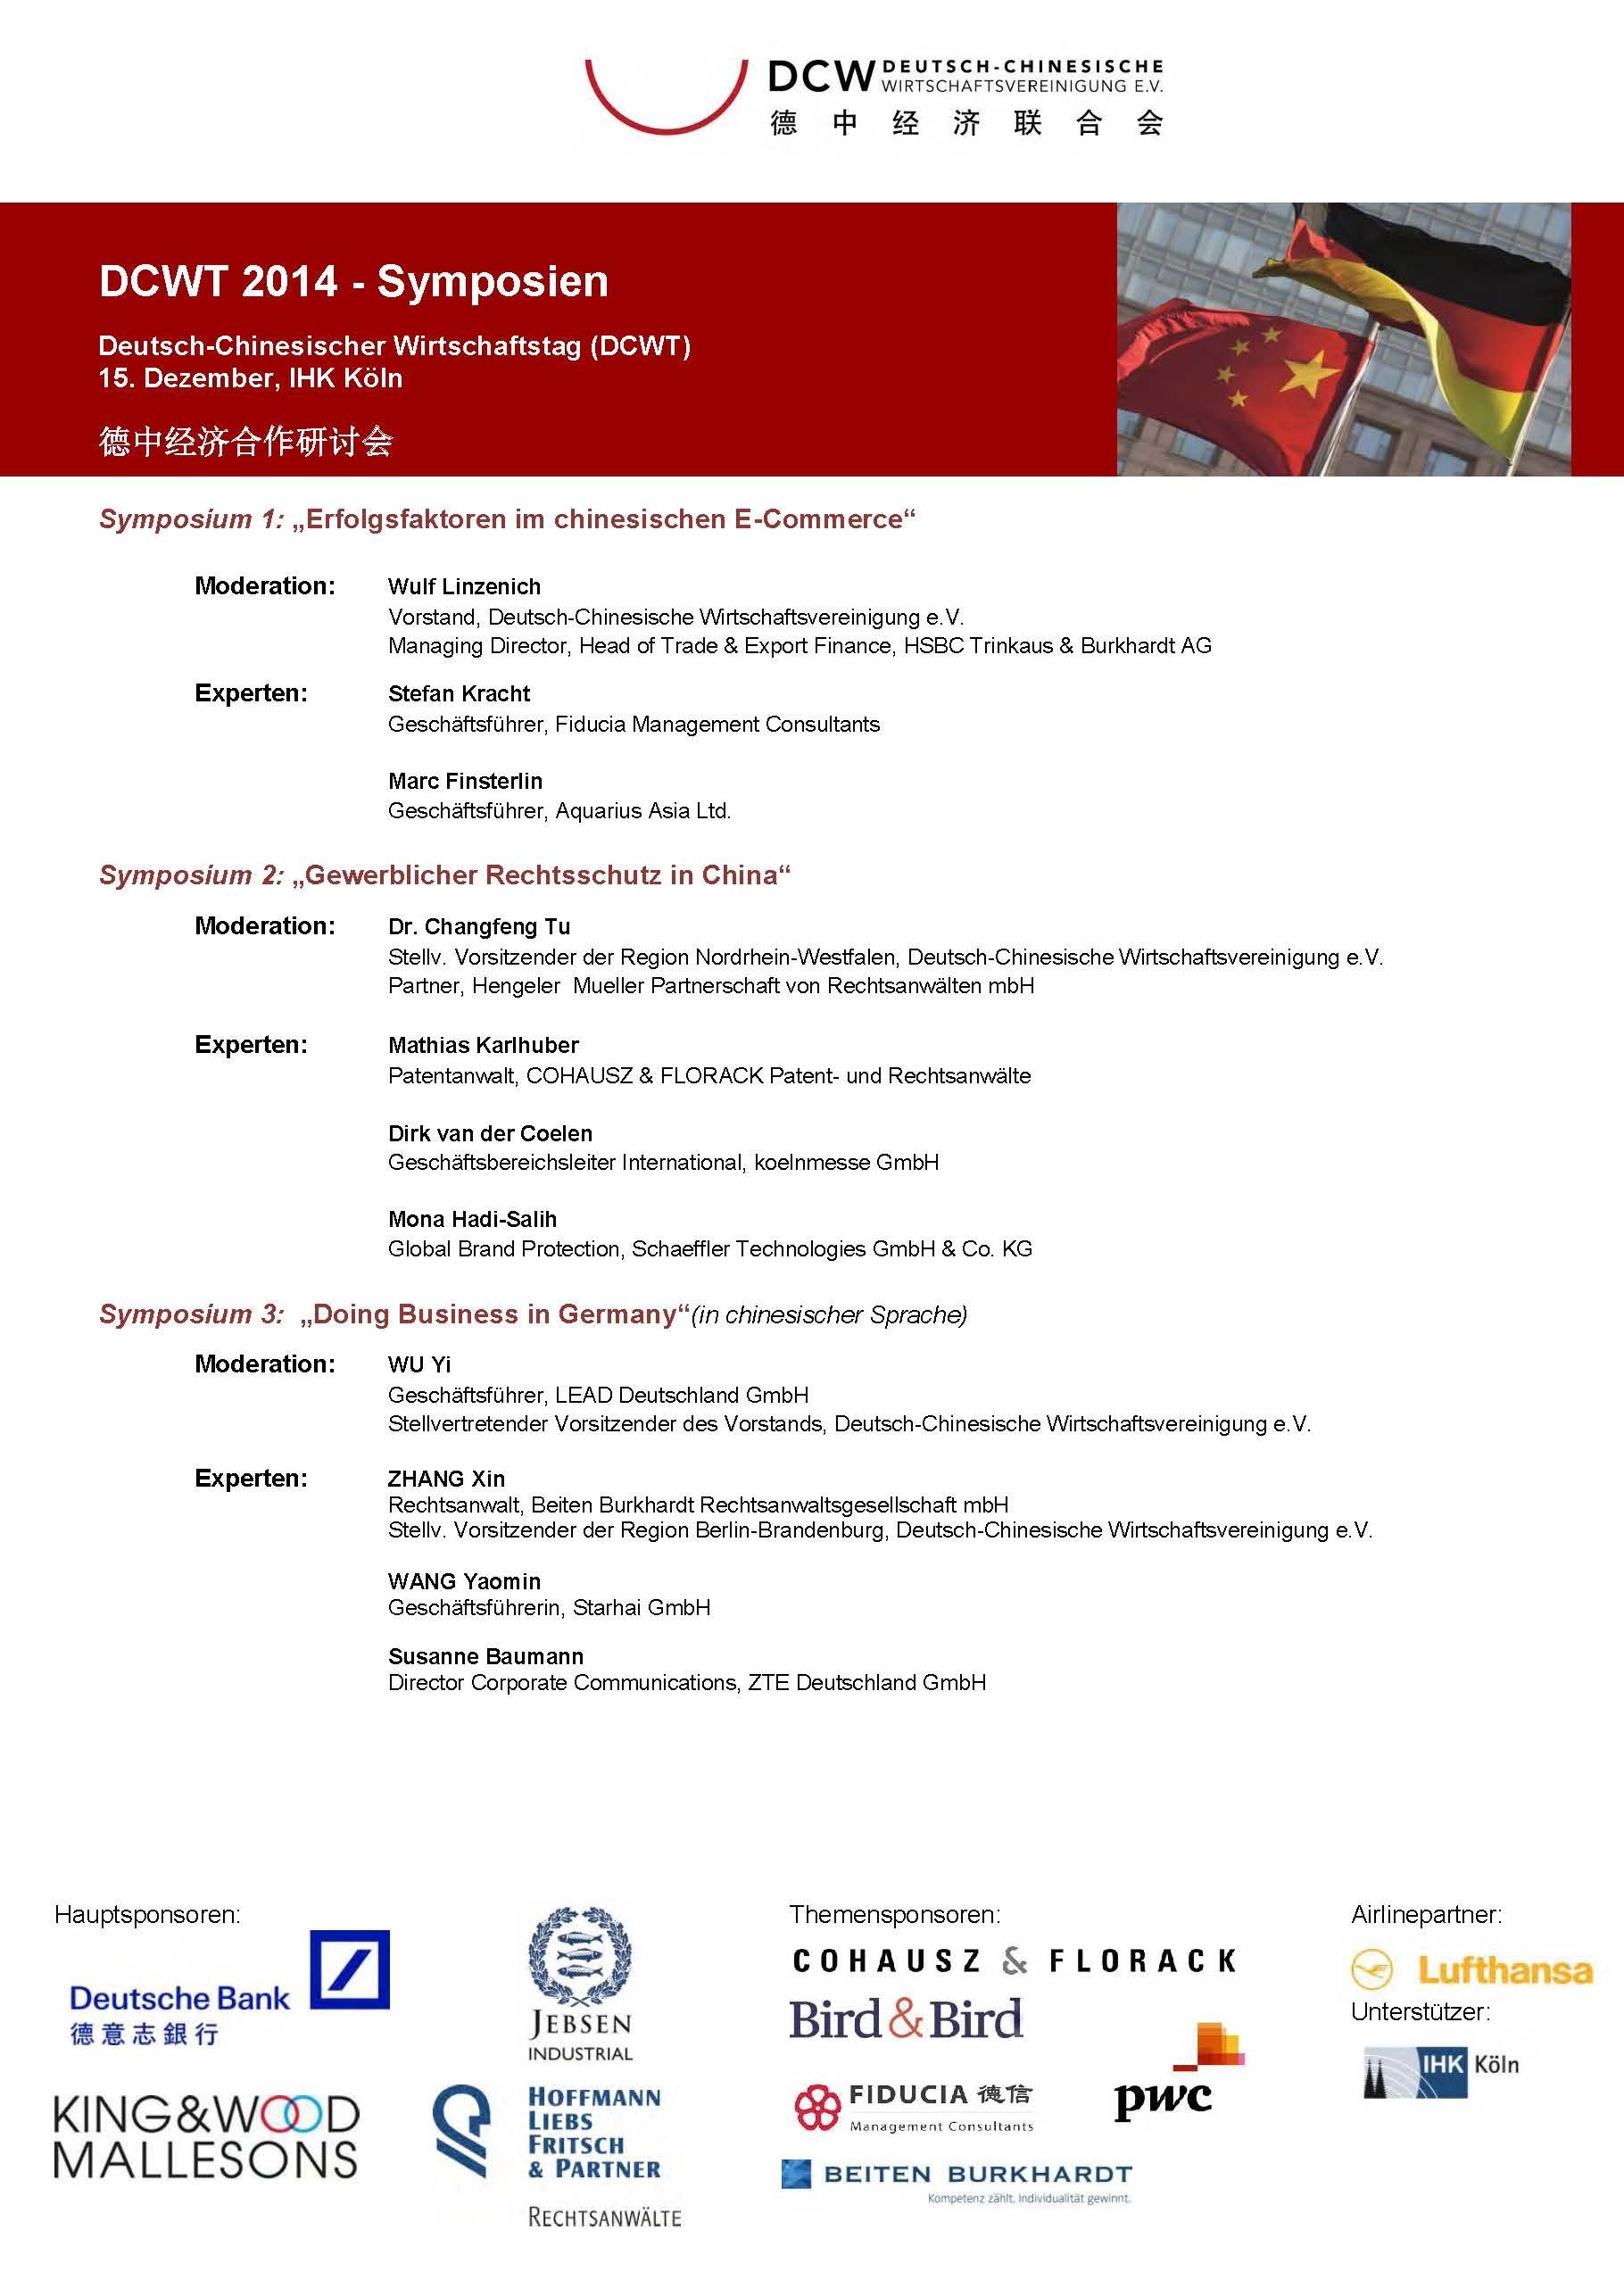 Seminars - EXPERTISE - Respondek & Fan